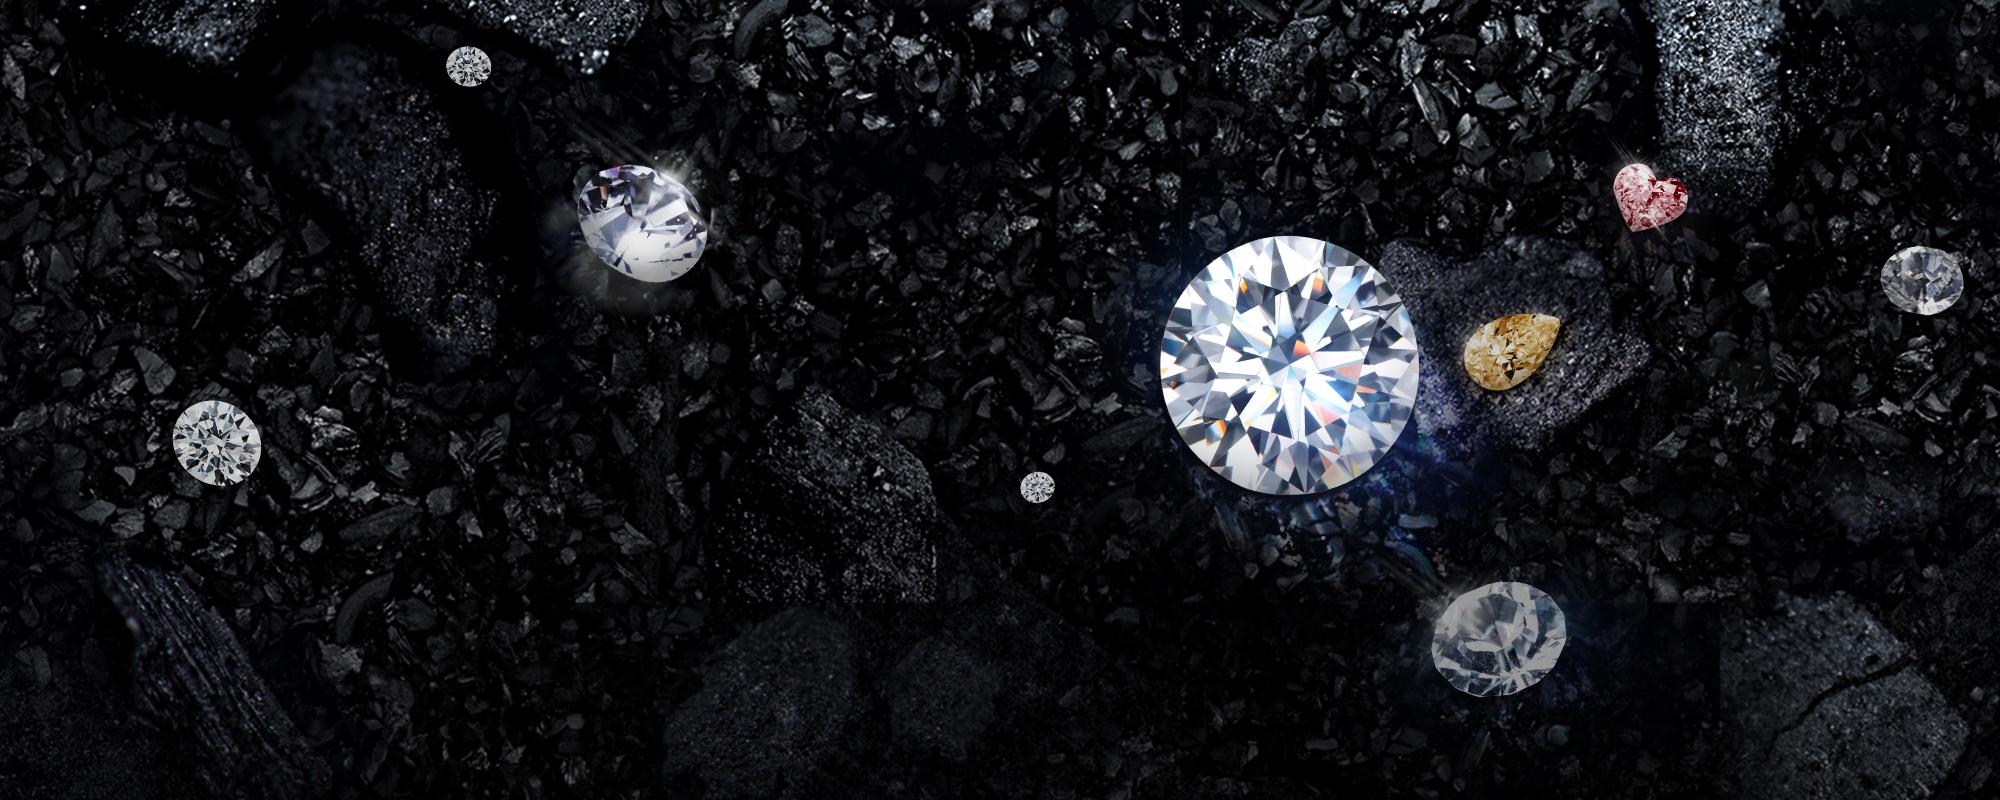 颜色等级是g级别的钻石好吗